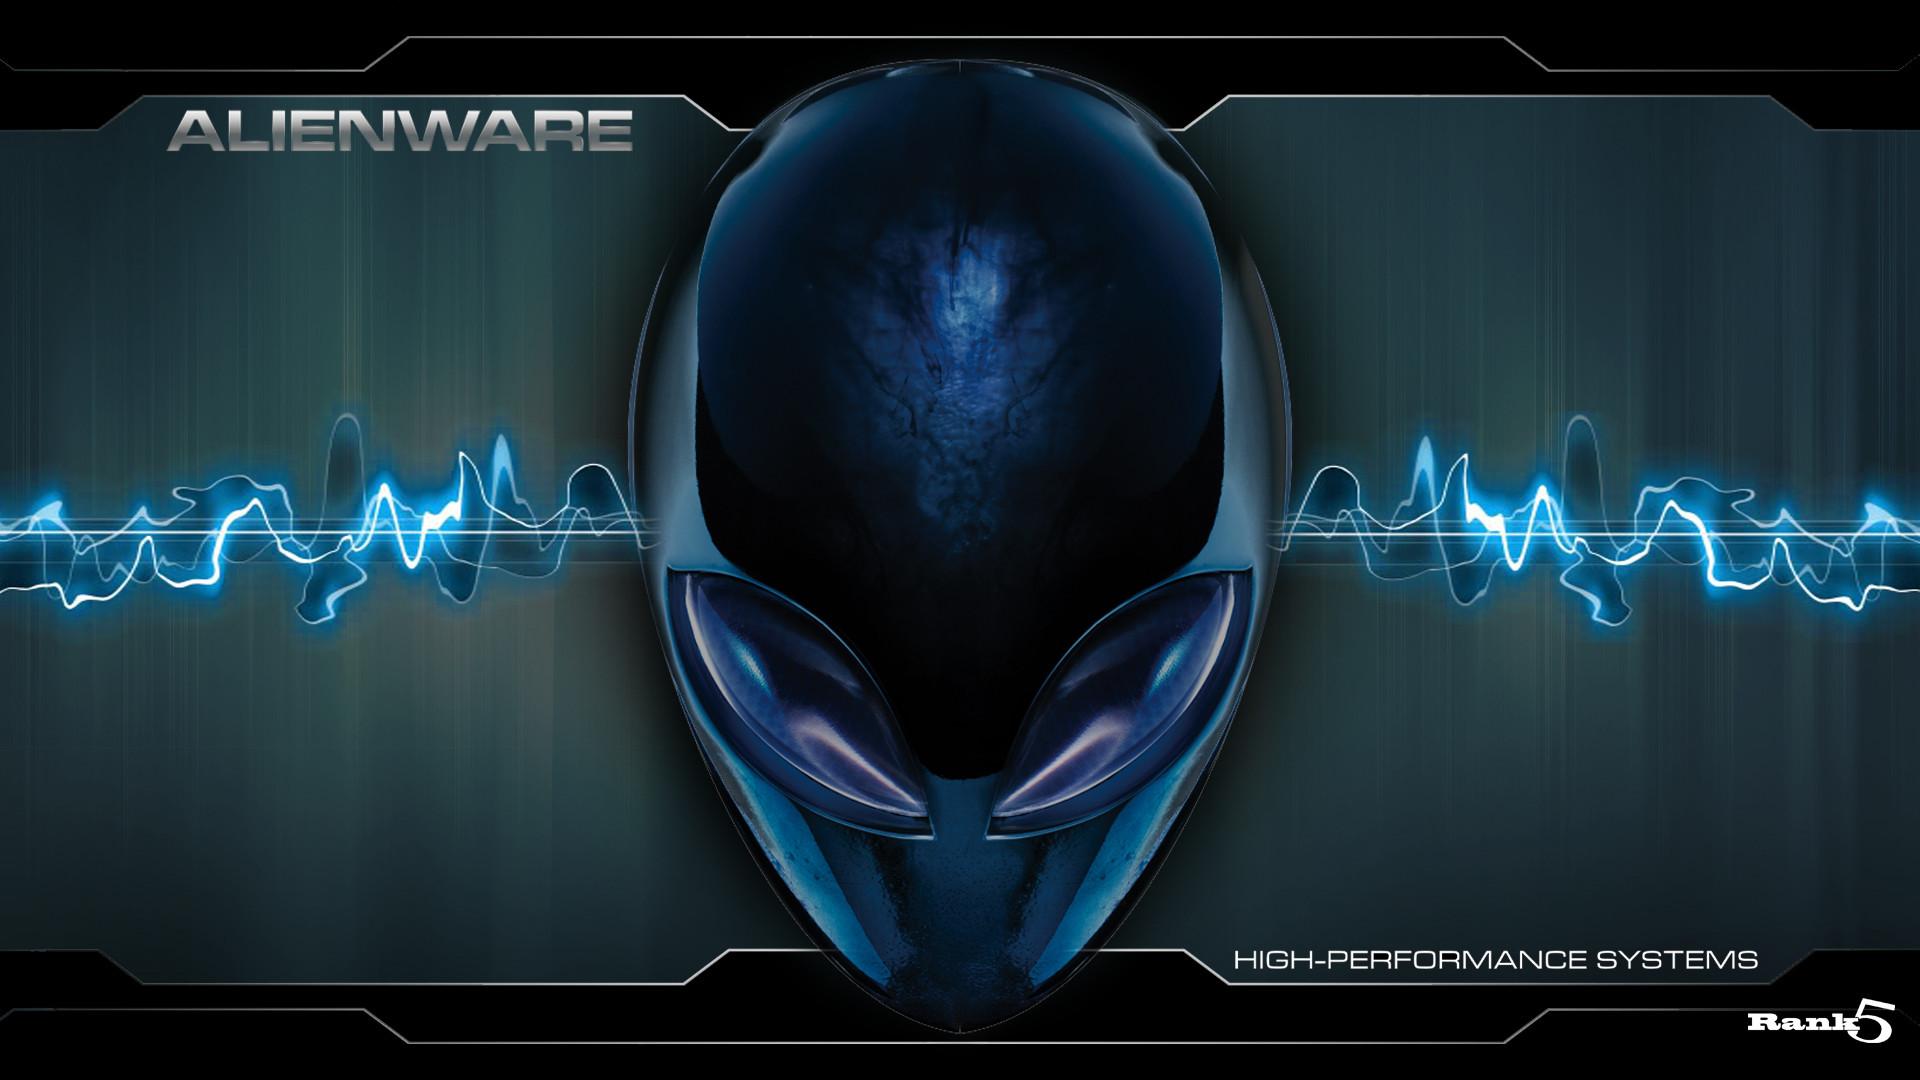 4K <b>Alienware Wallpaper</b> – WallpaperSafari